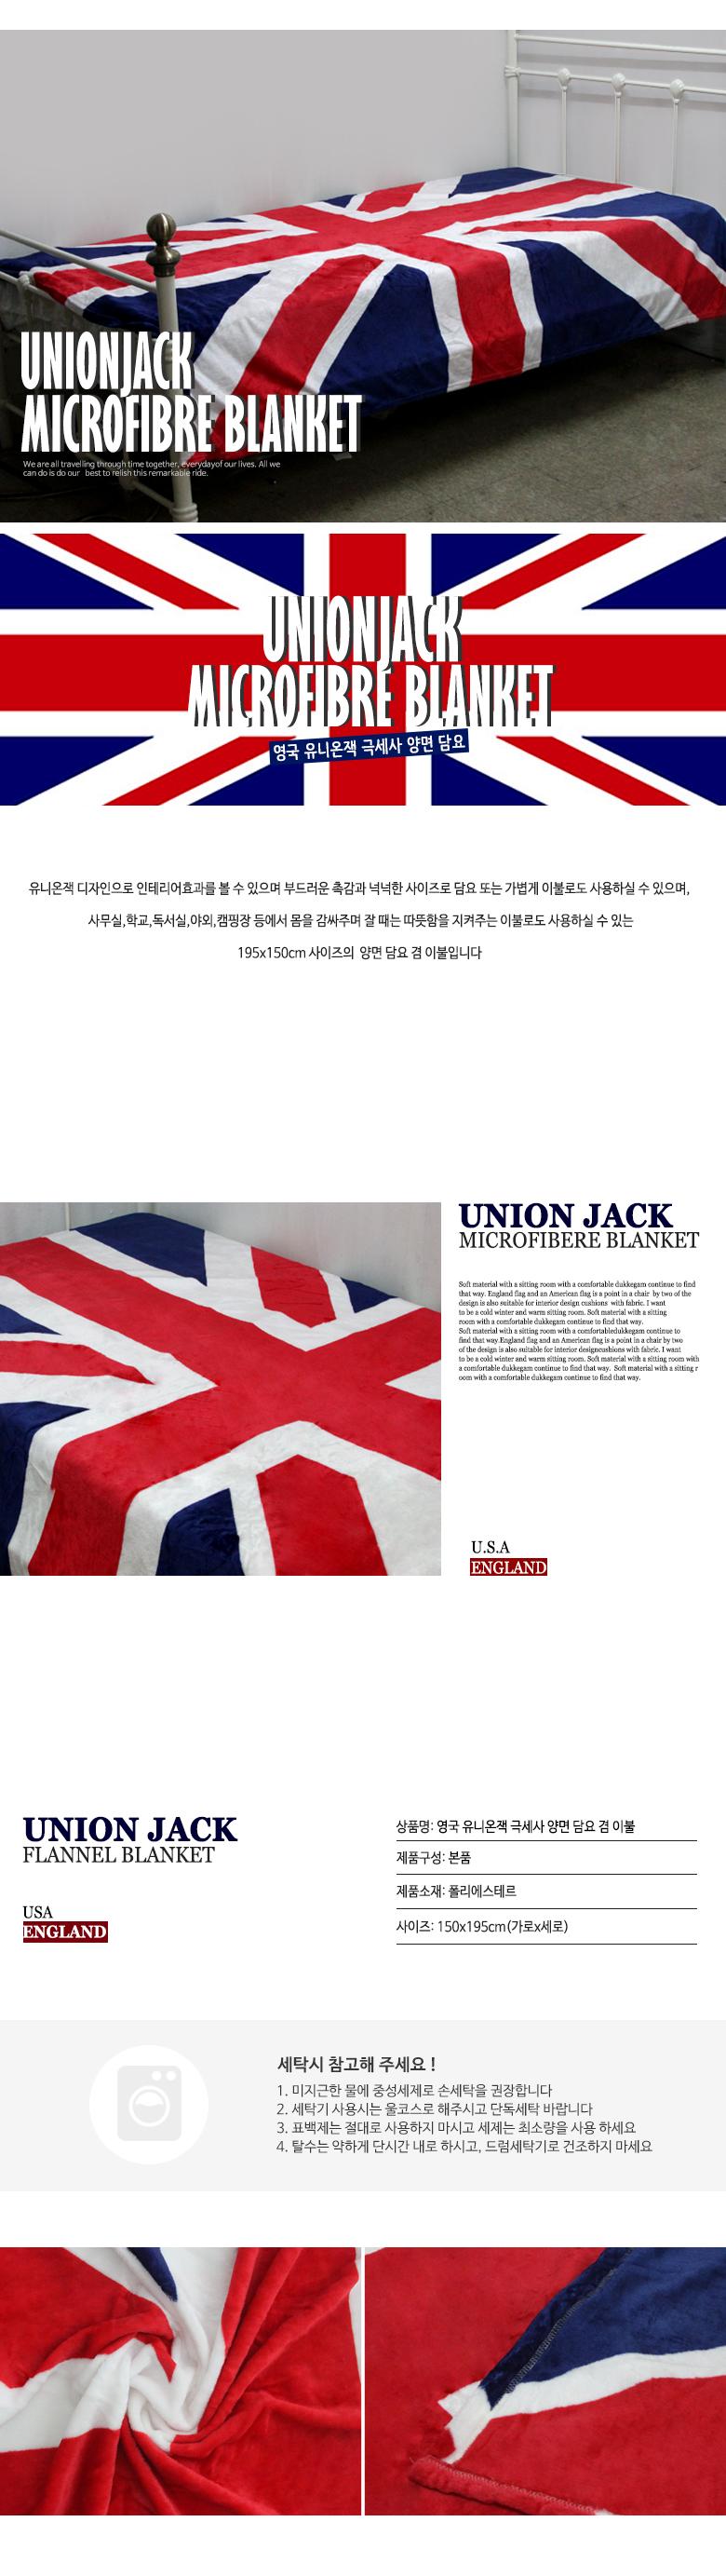 영국 유니온잭 극세사 담요 겸 이불 150x200cm - 디자인에버, 18,000원, 담요/블랑켓, 극세사 블랑켓